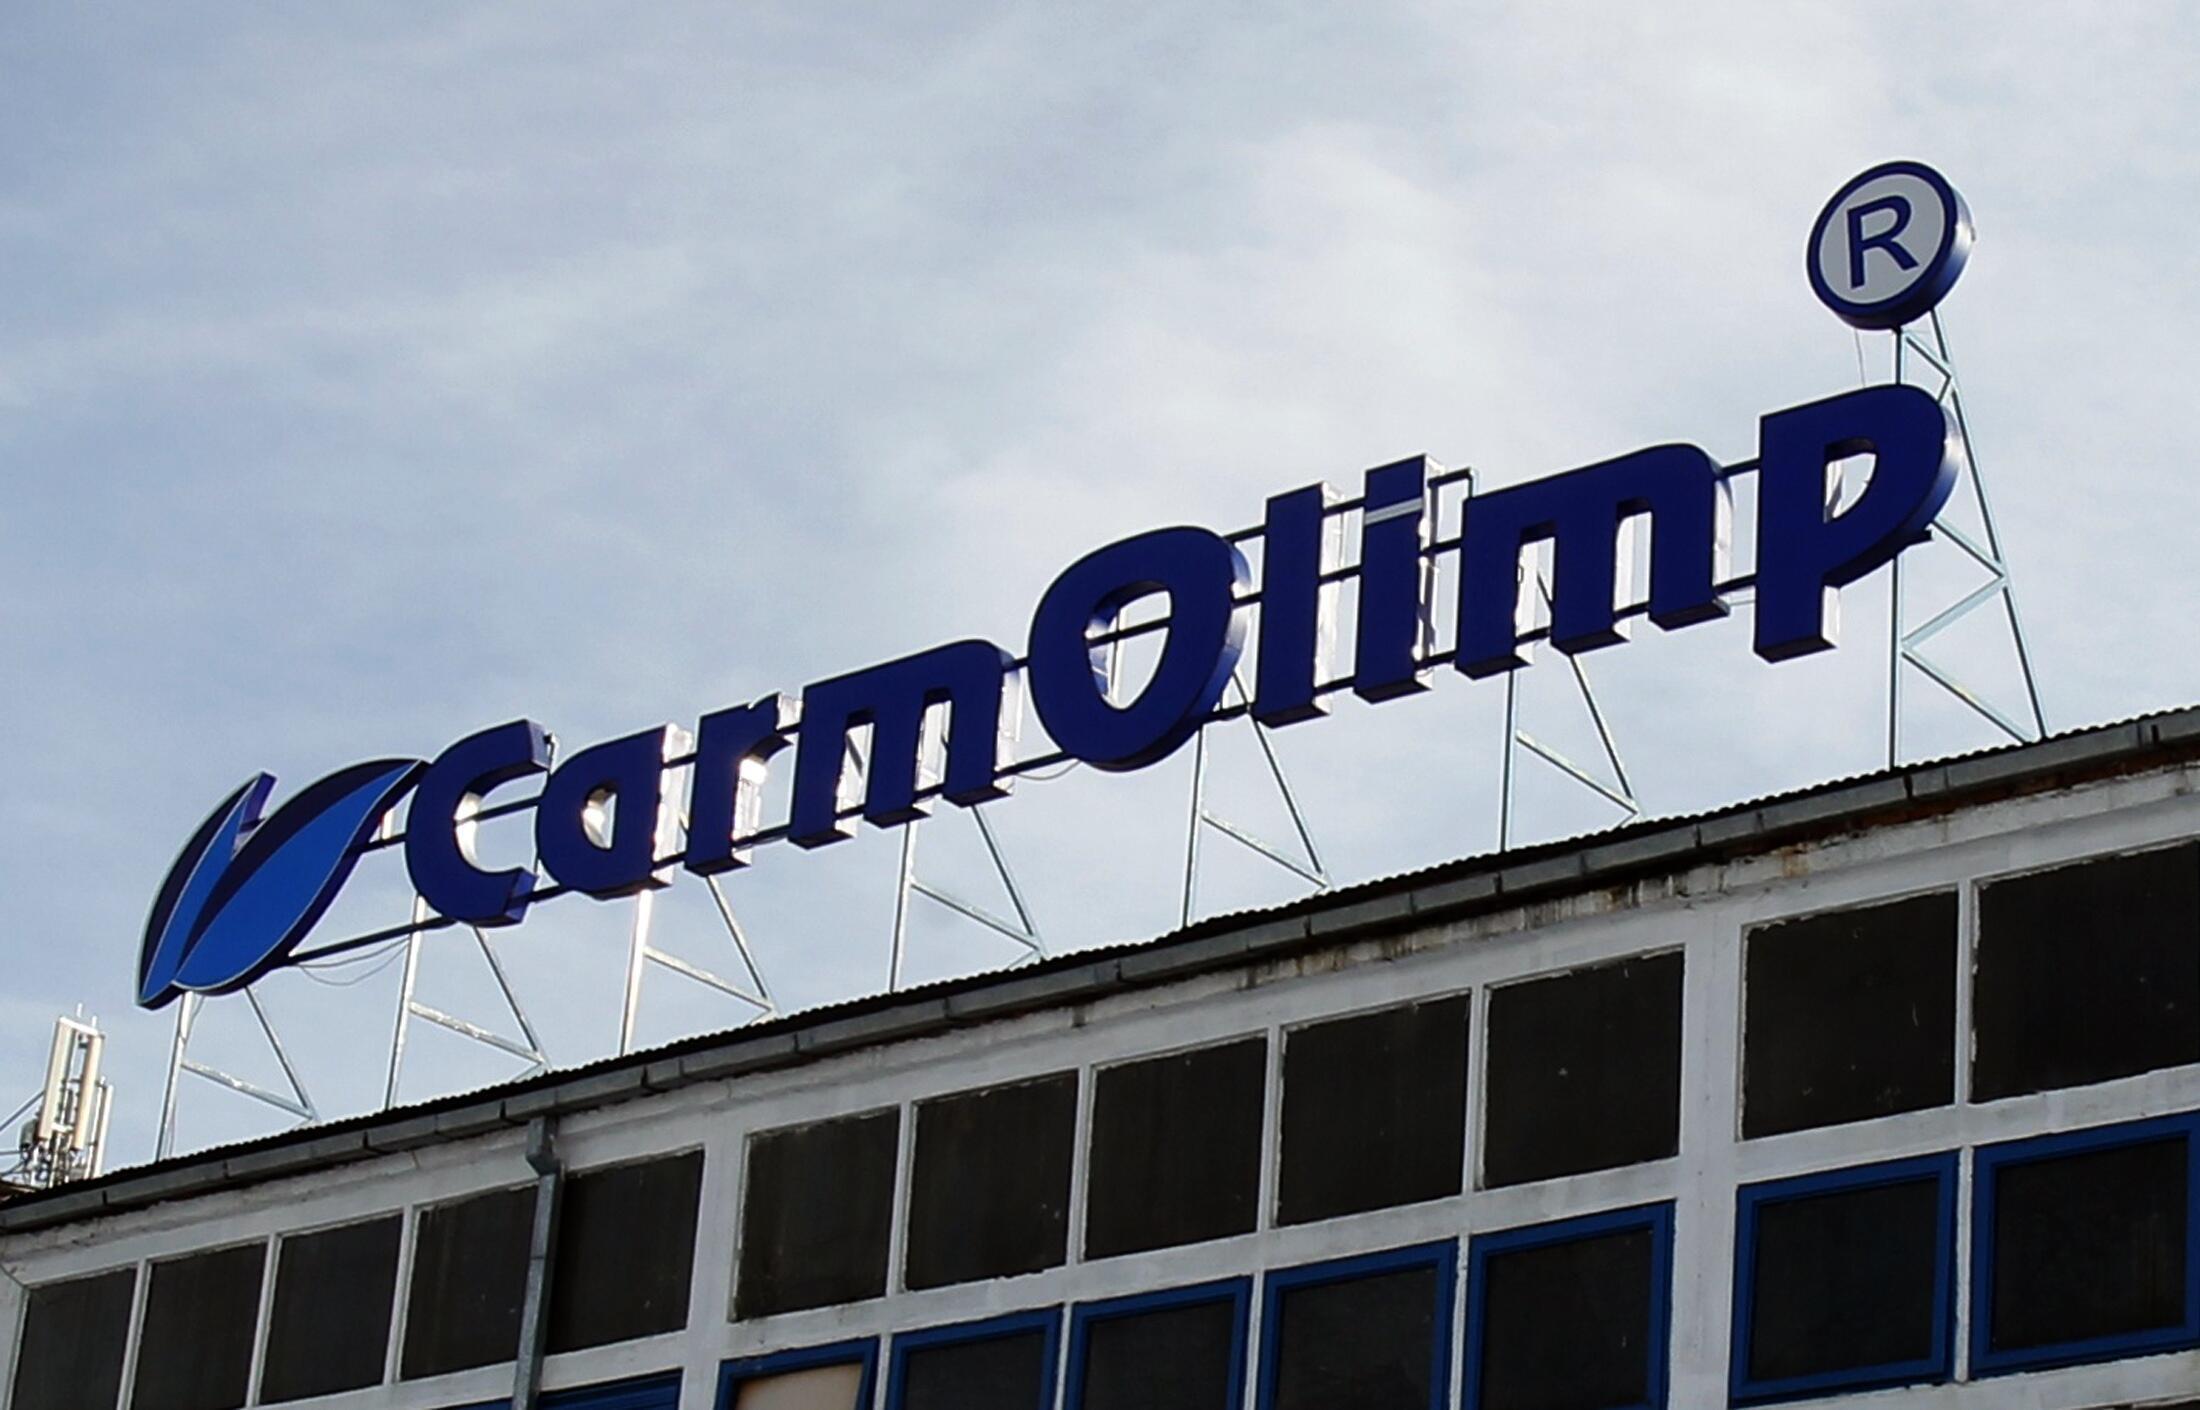 CarmOlimp, lò mổ thịt ở phía tây bắc nằm cách Bucharest 260 km (REUTERS)